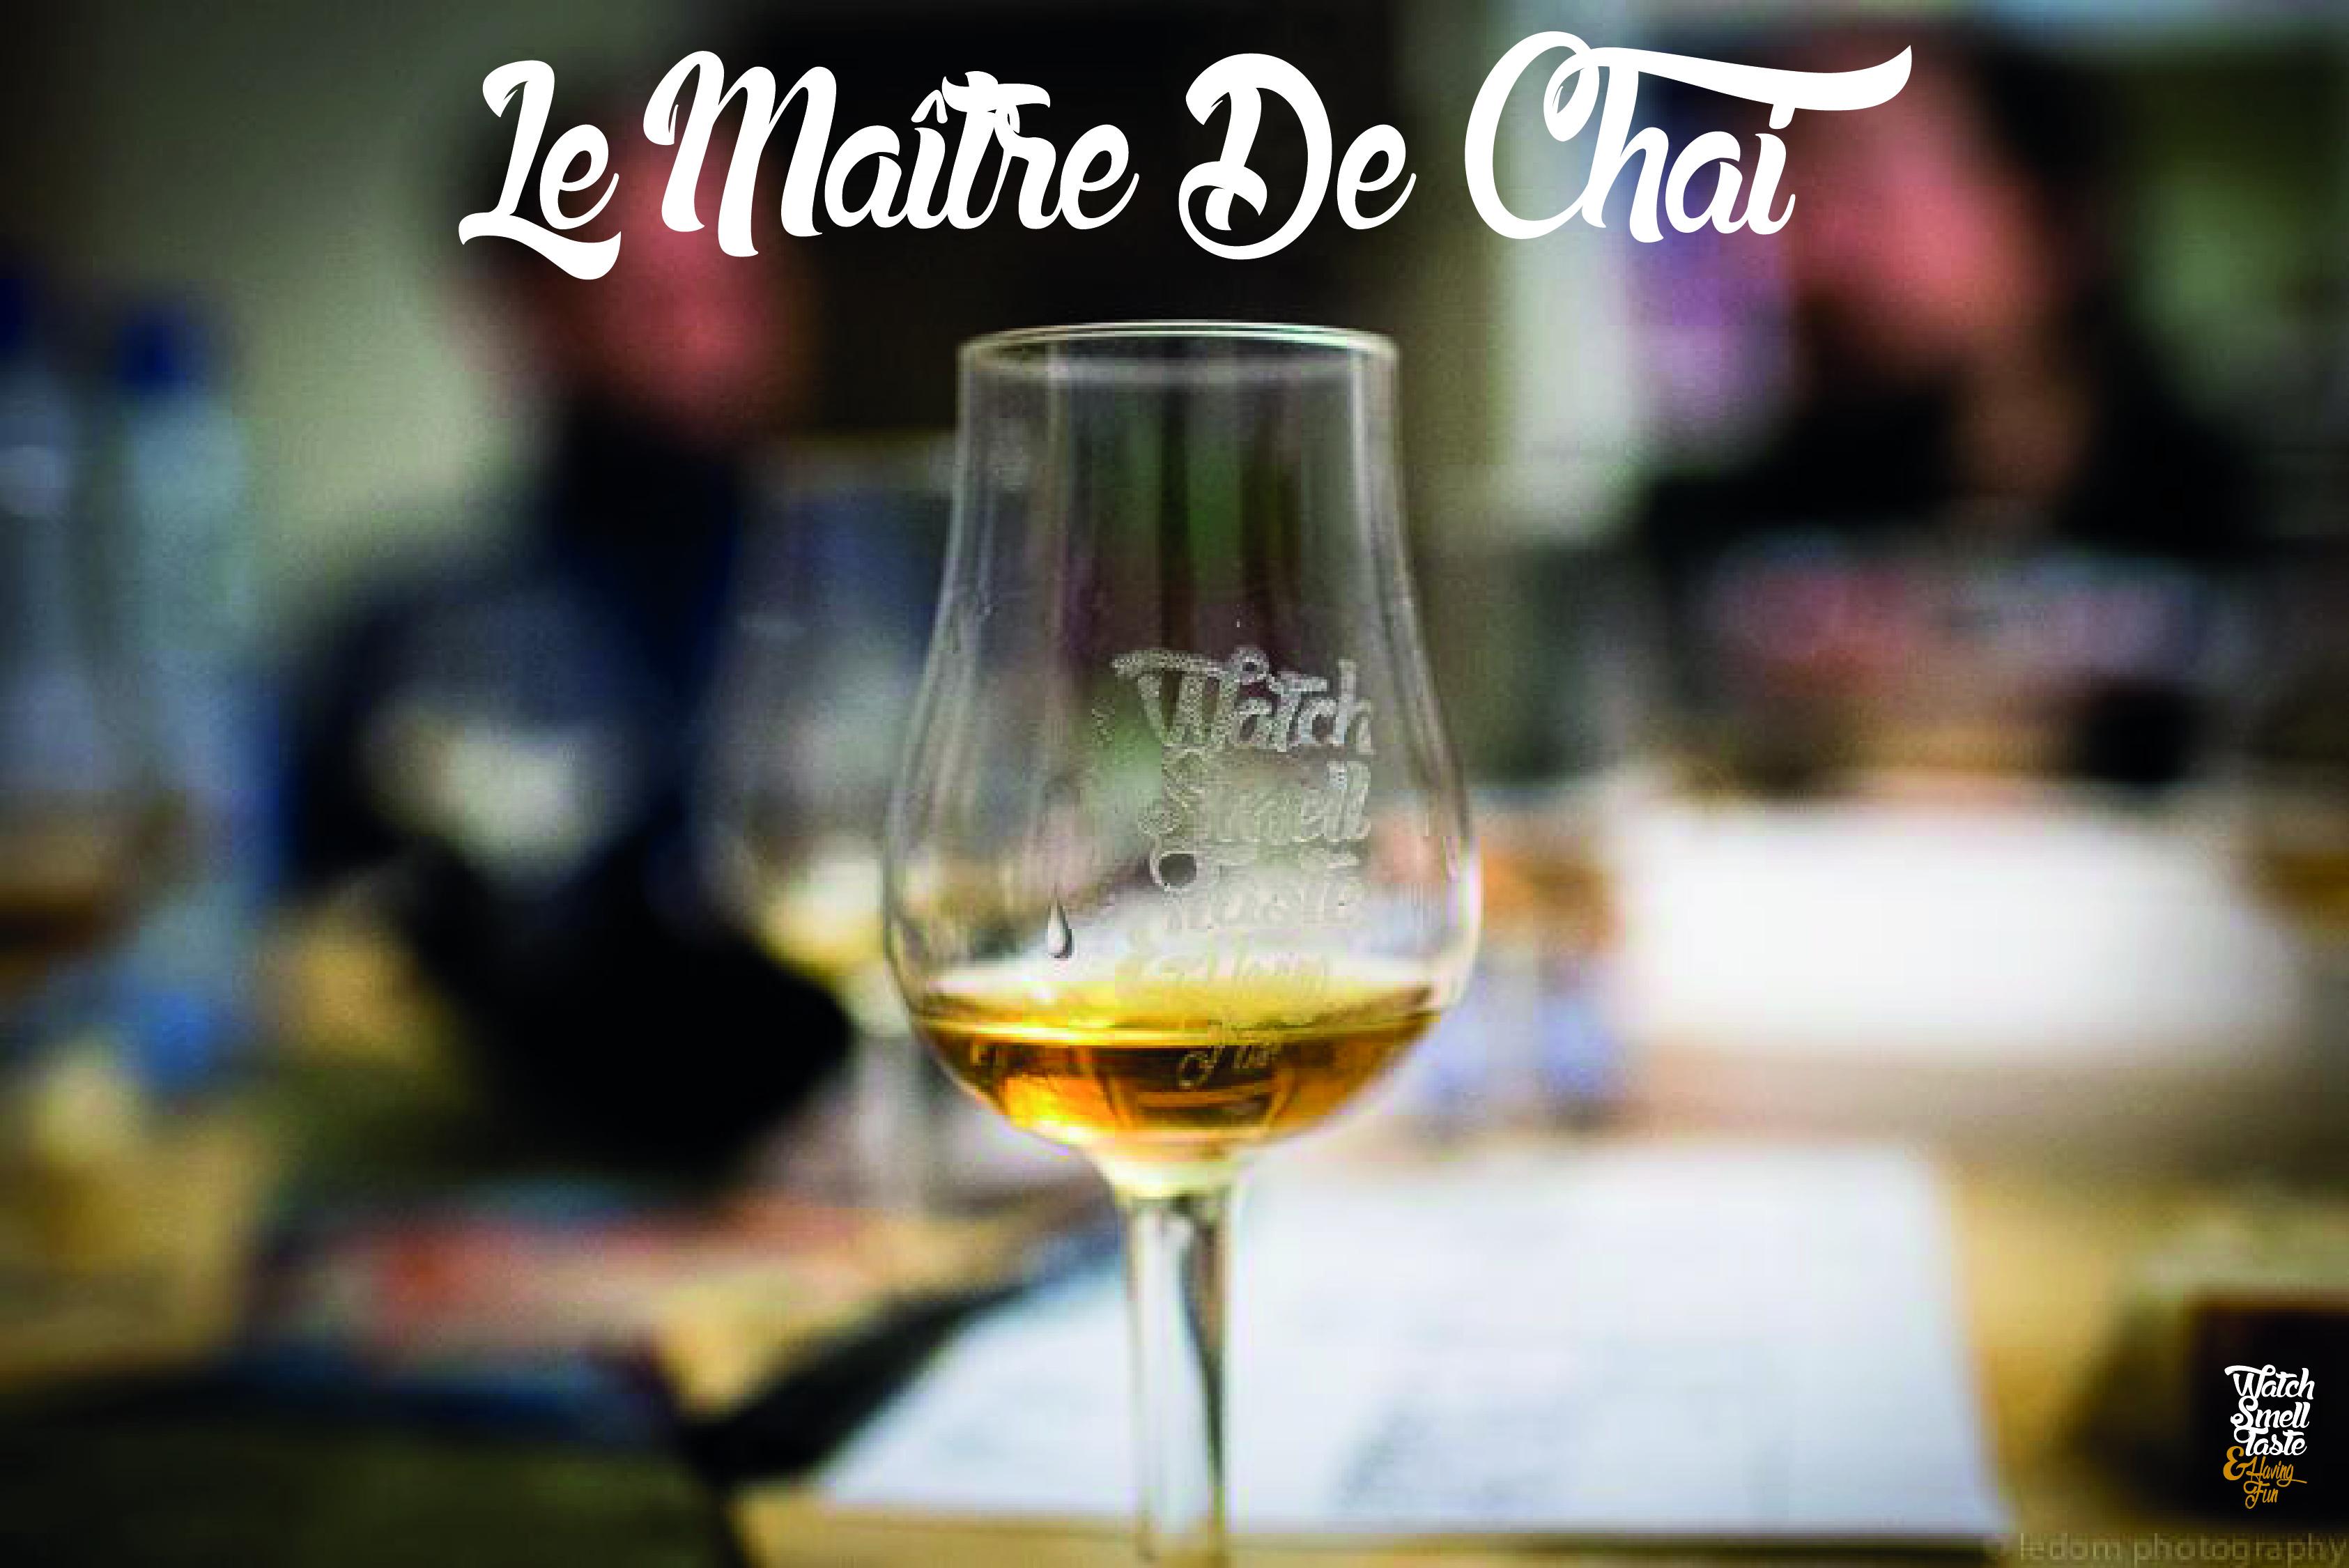 Le_Ma_tre_De_Chai-1453026268.jpg